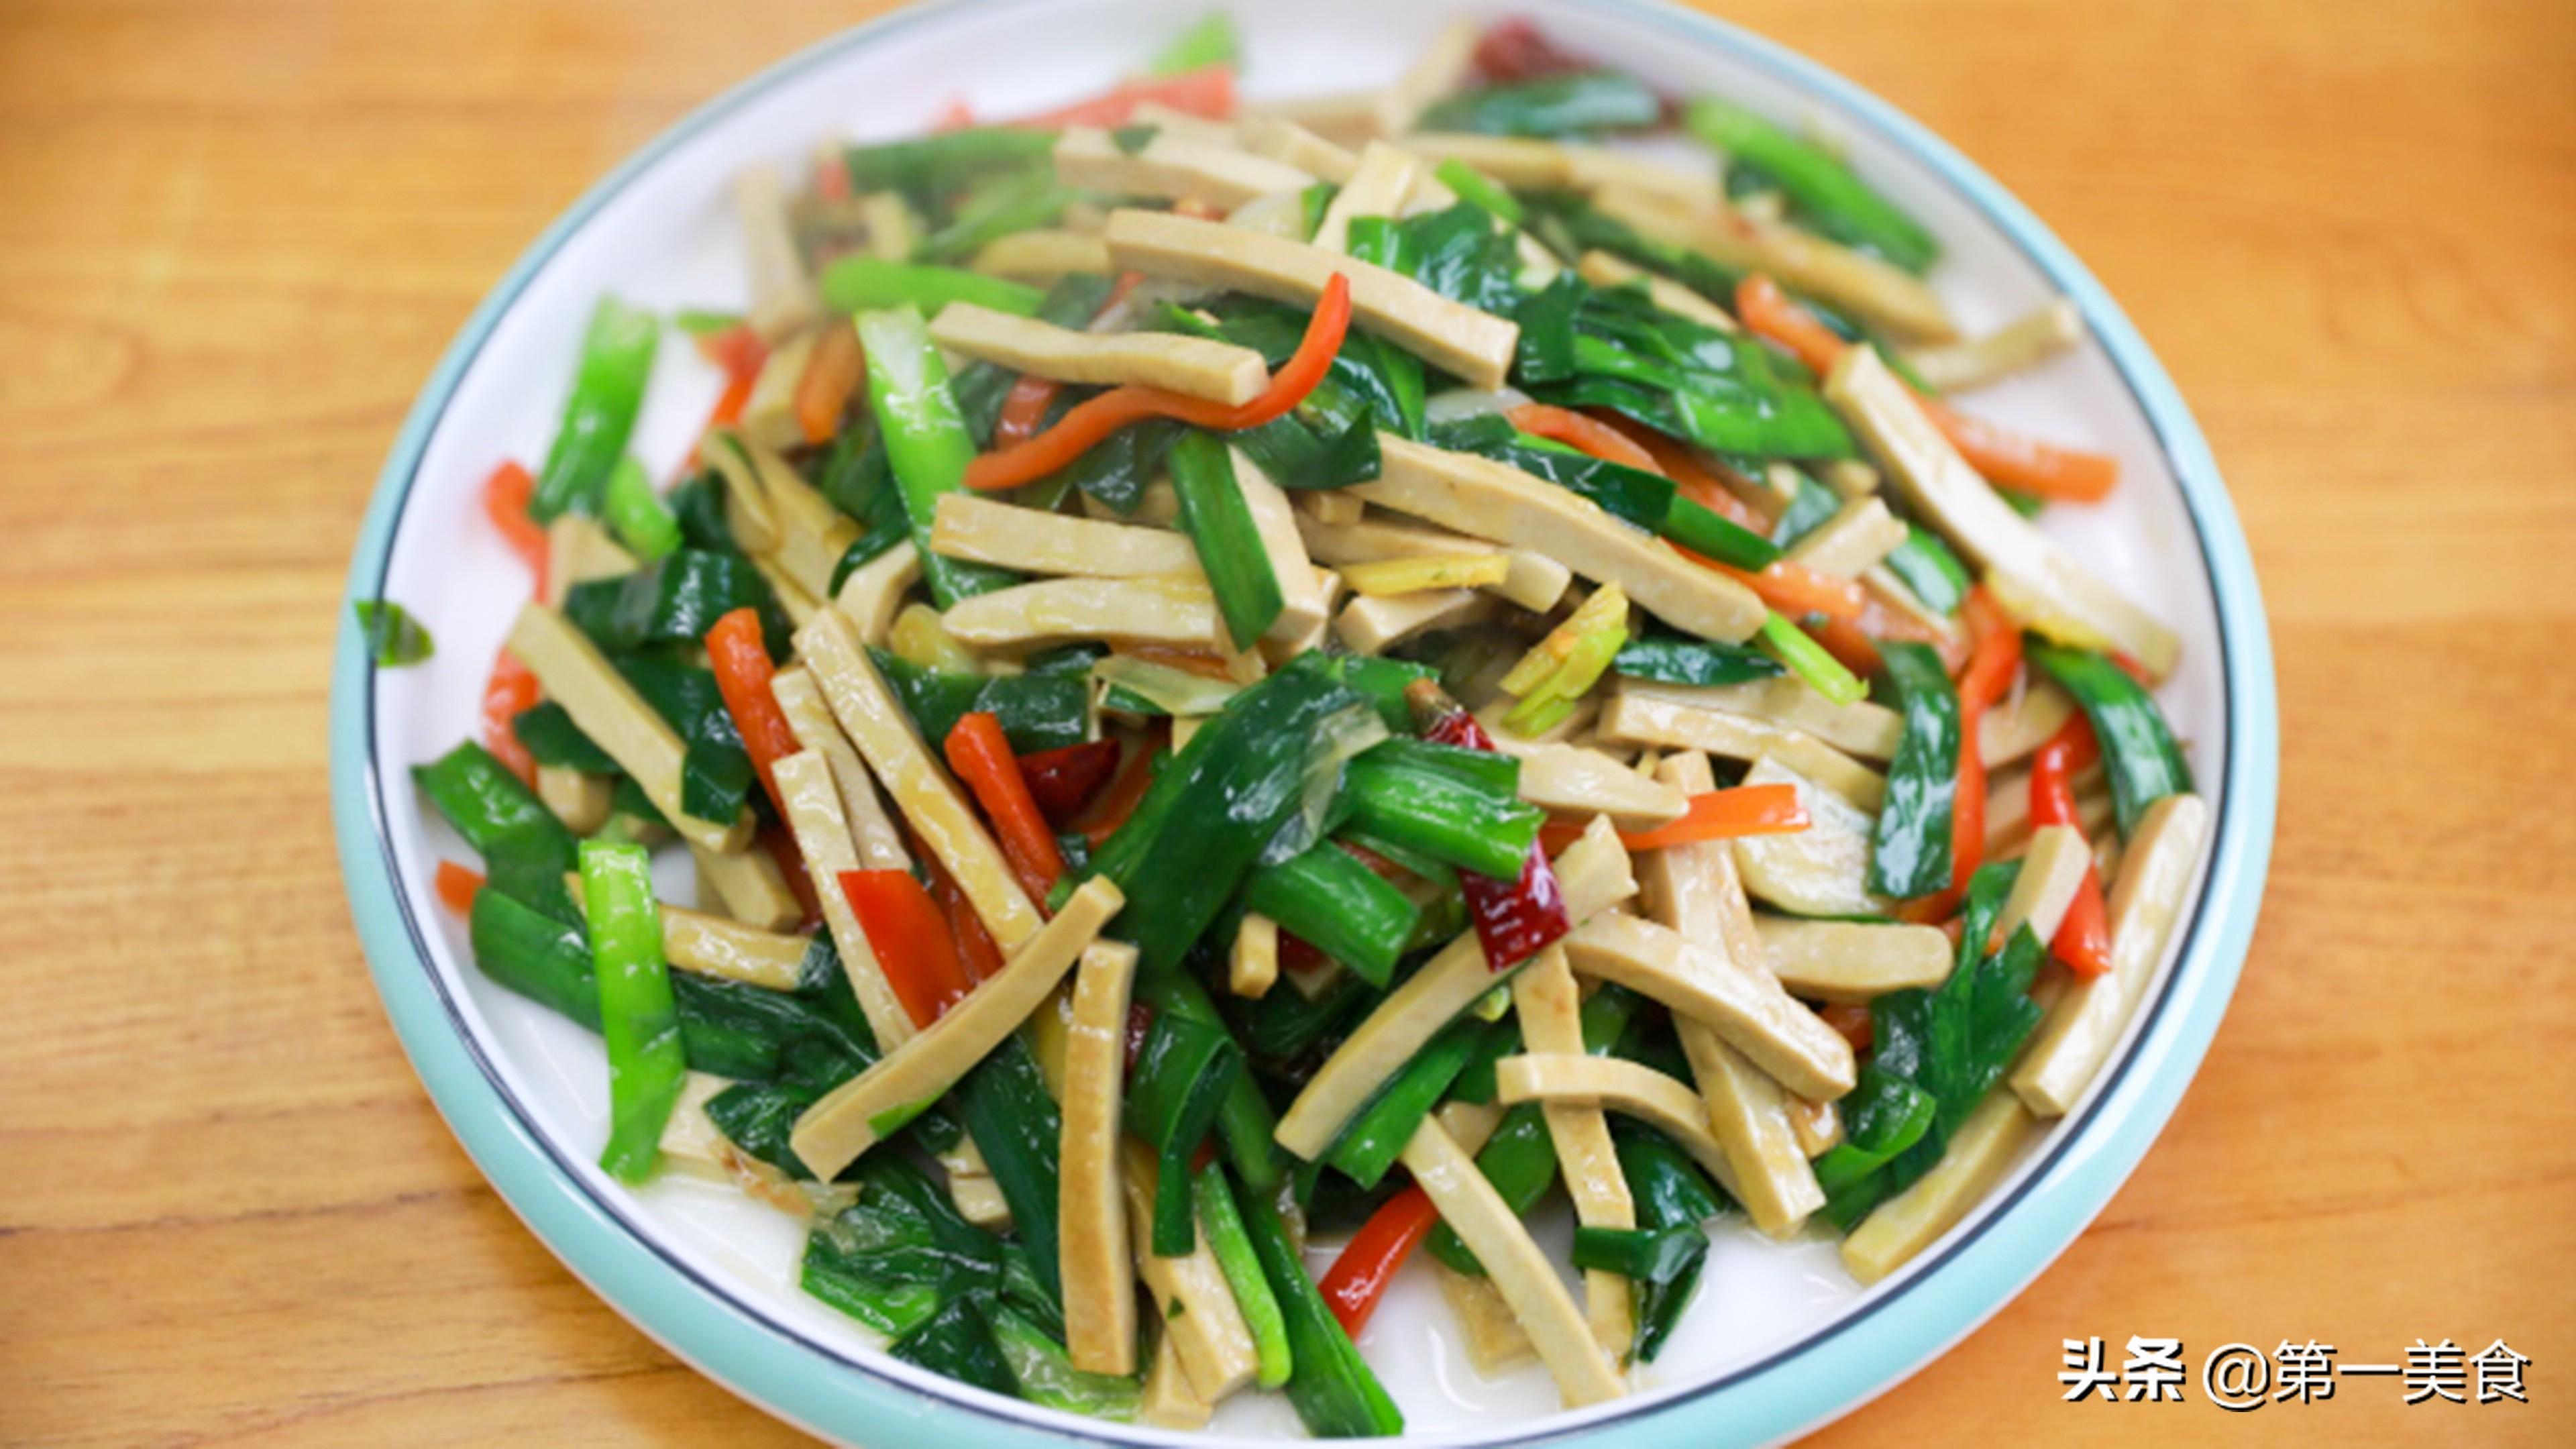 减肥,别再吃水煮青菜了,这道韭菜炒豆干,热量低吃着香做法简单 美食做法 第1张